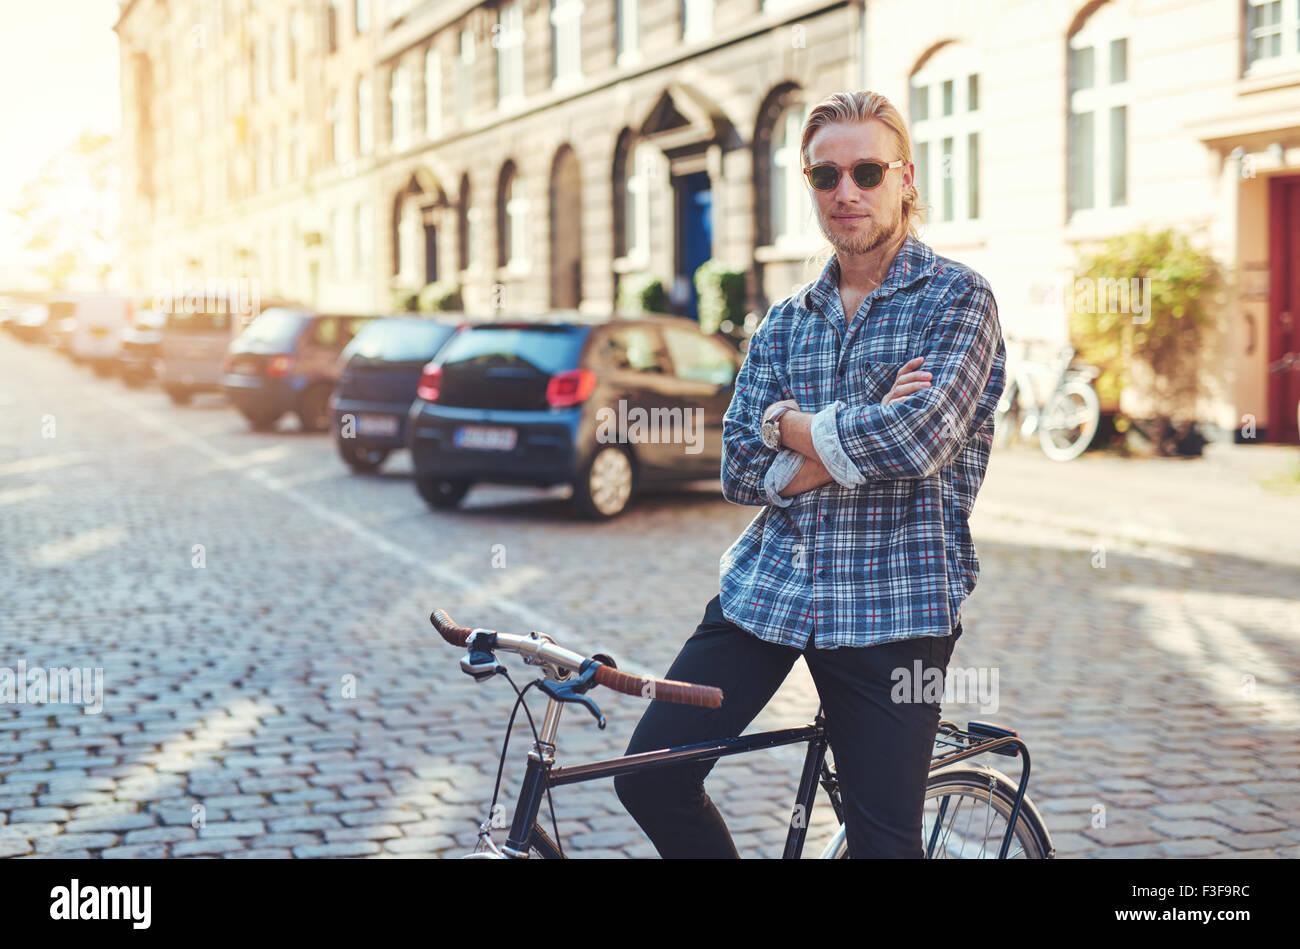 Porträt der Mann auf seinem Fahrrad mit verschränkten Armen suchen stilvolle. Stadt Lebensstil Stockbild